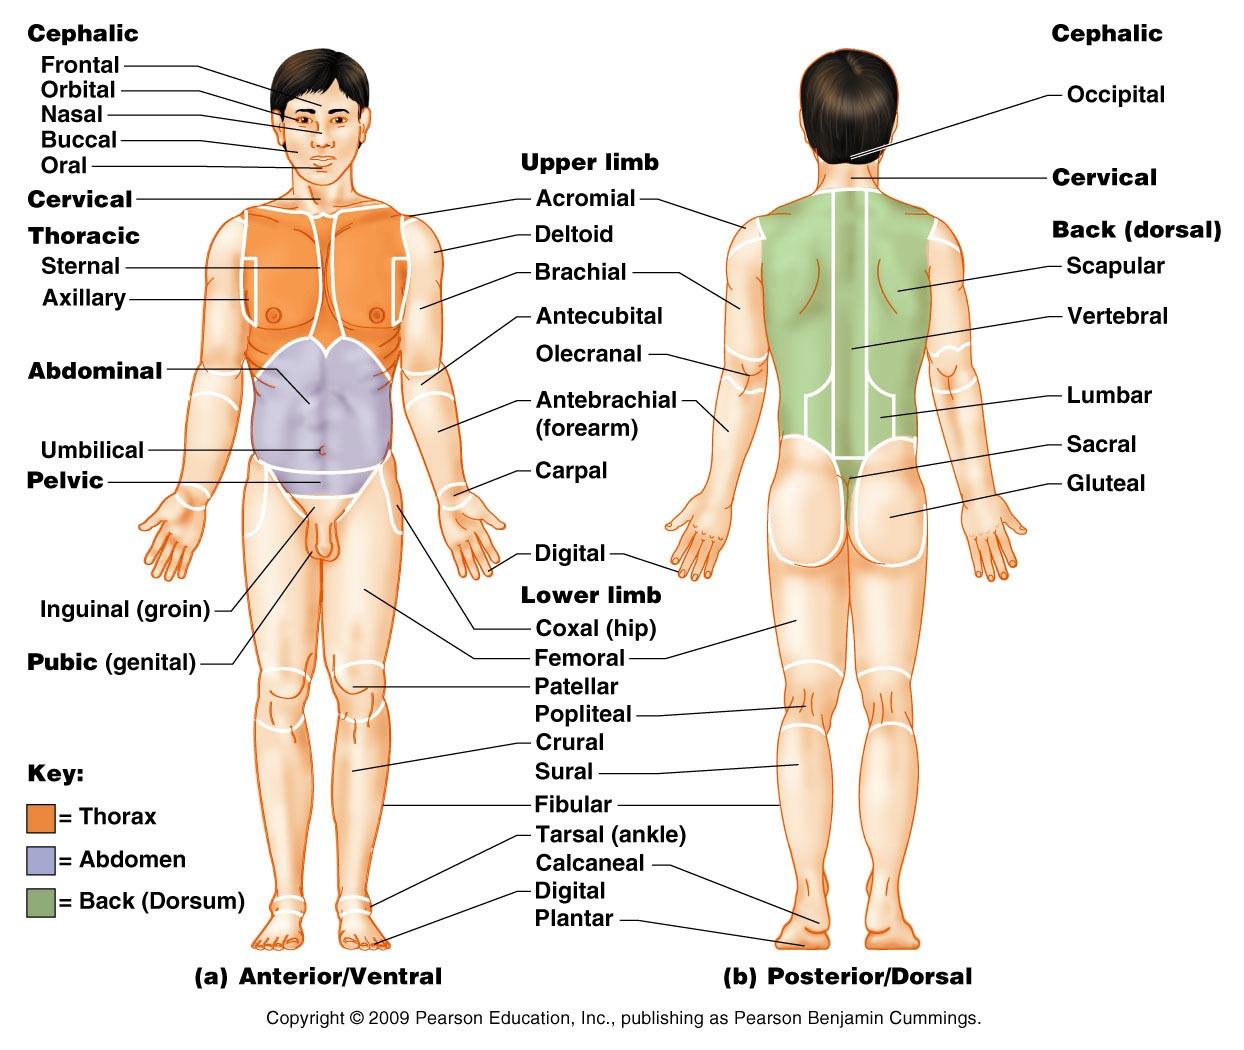 Body Regional Terms Worksheet